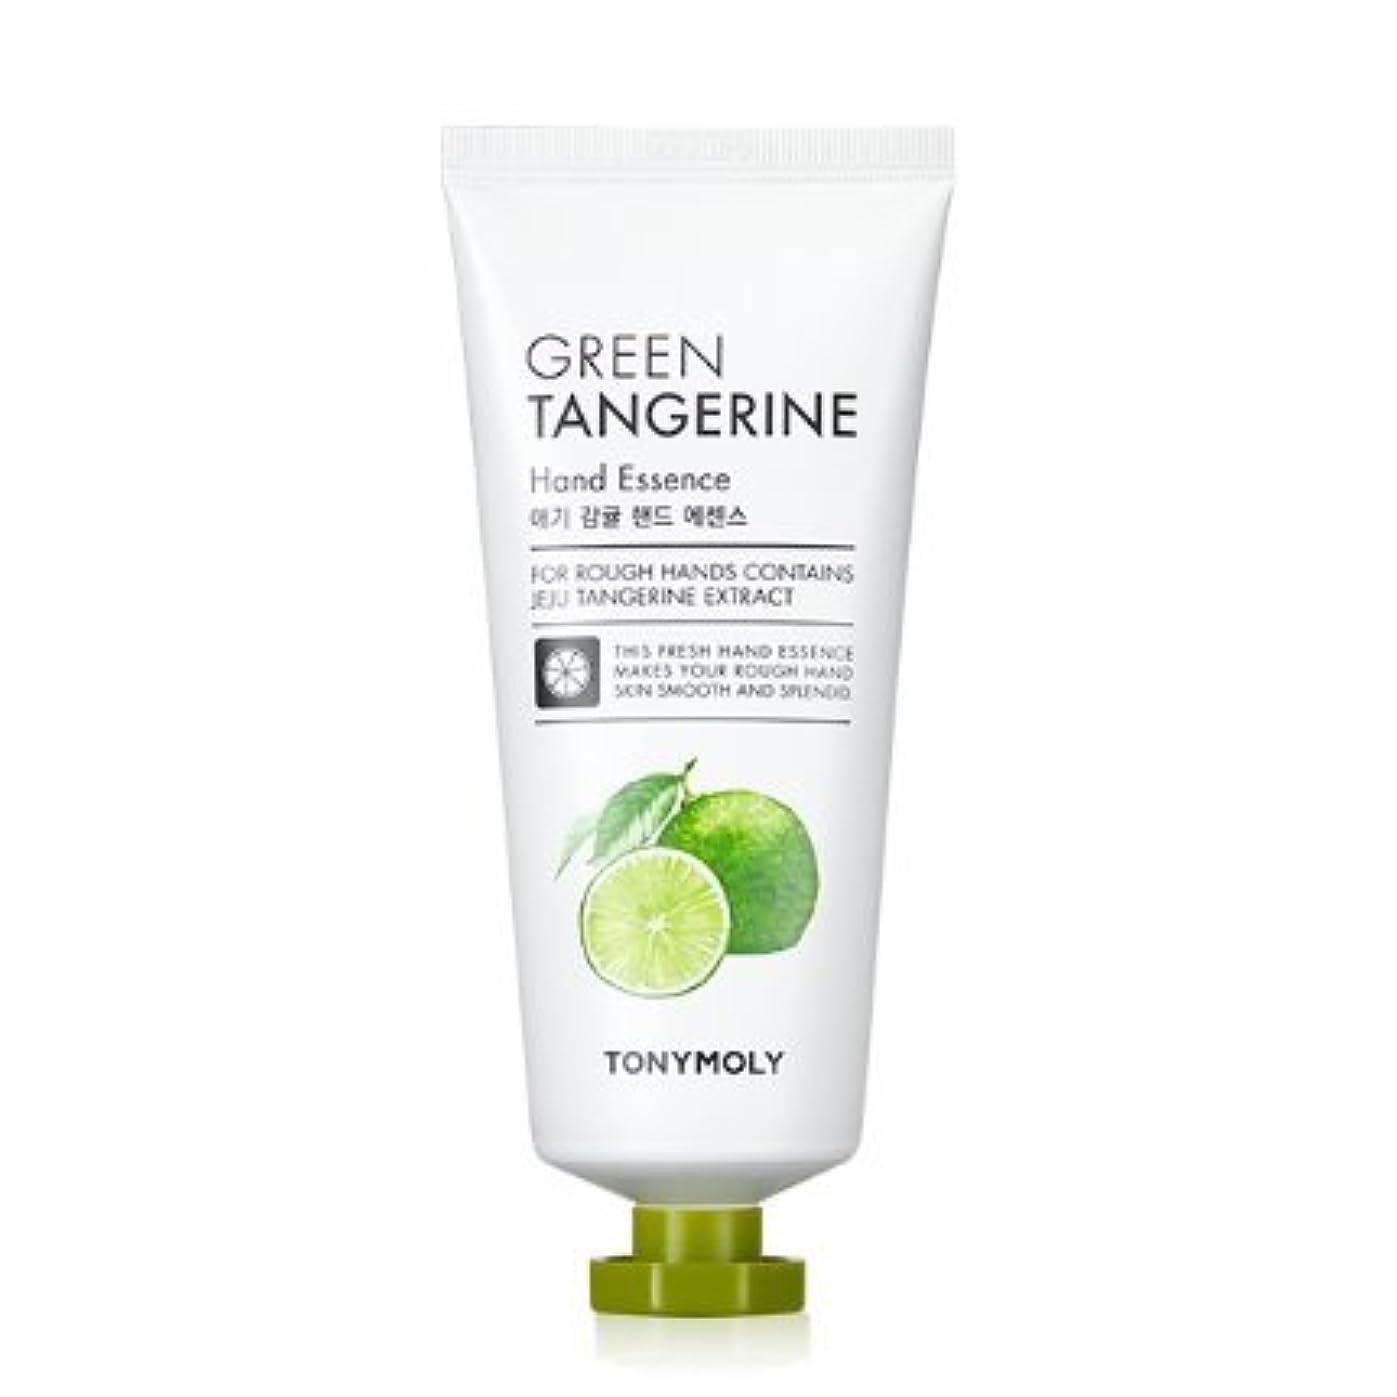 対処するパレード全能[Renewal] TONYMOLY Green Tangerine Hand Essence/トニーモリー 青みかん ハンド エッセンス 80g [並行輸入品]